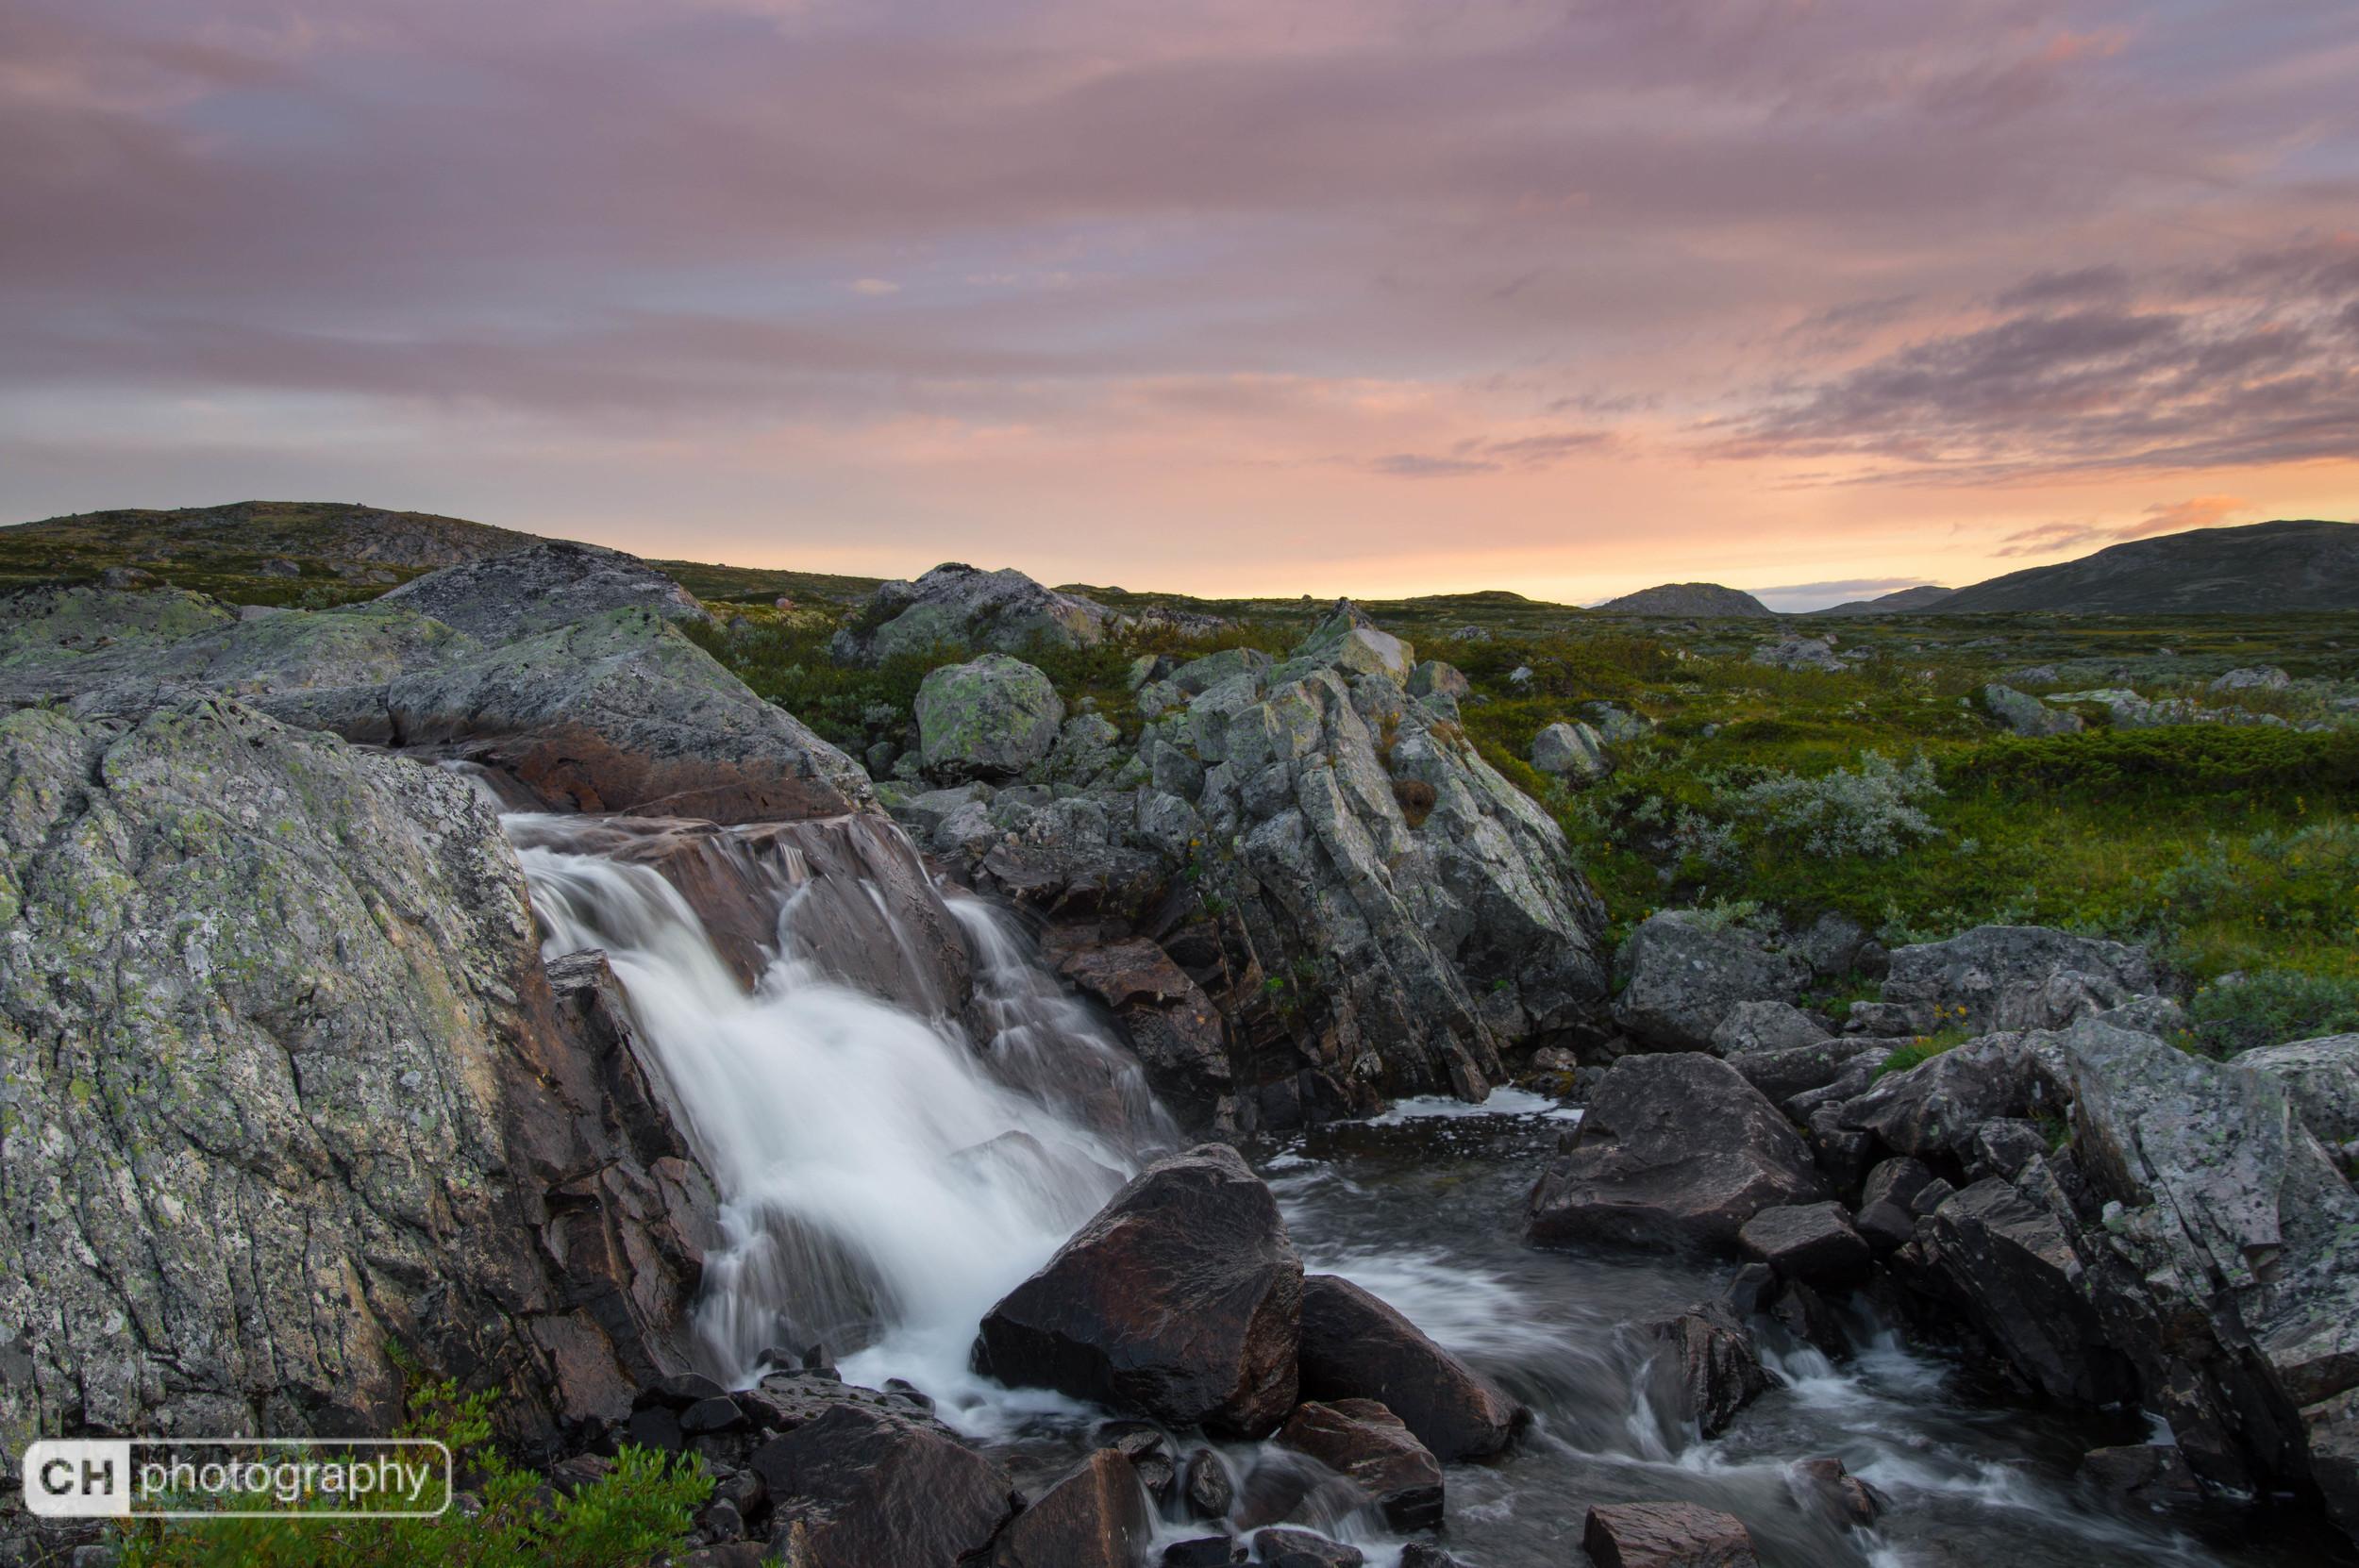 River at Hardangervidda